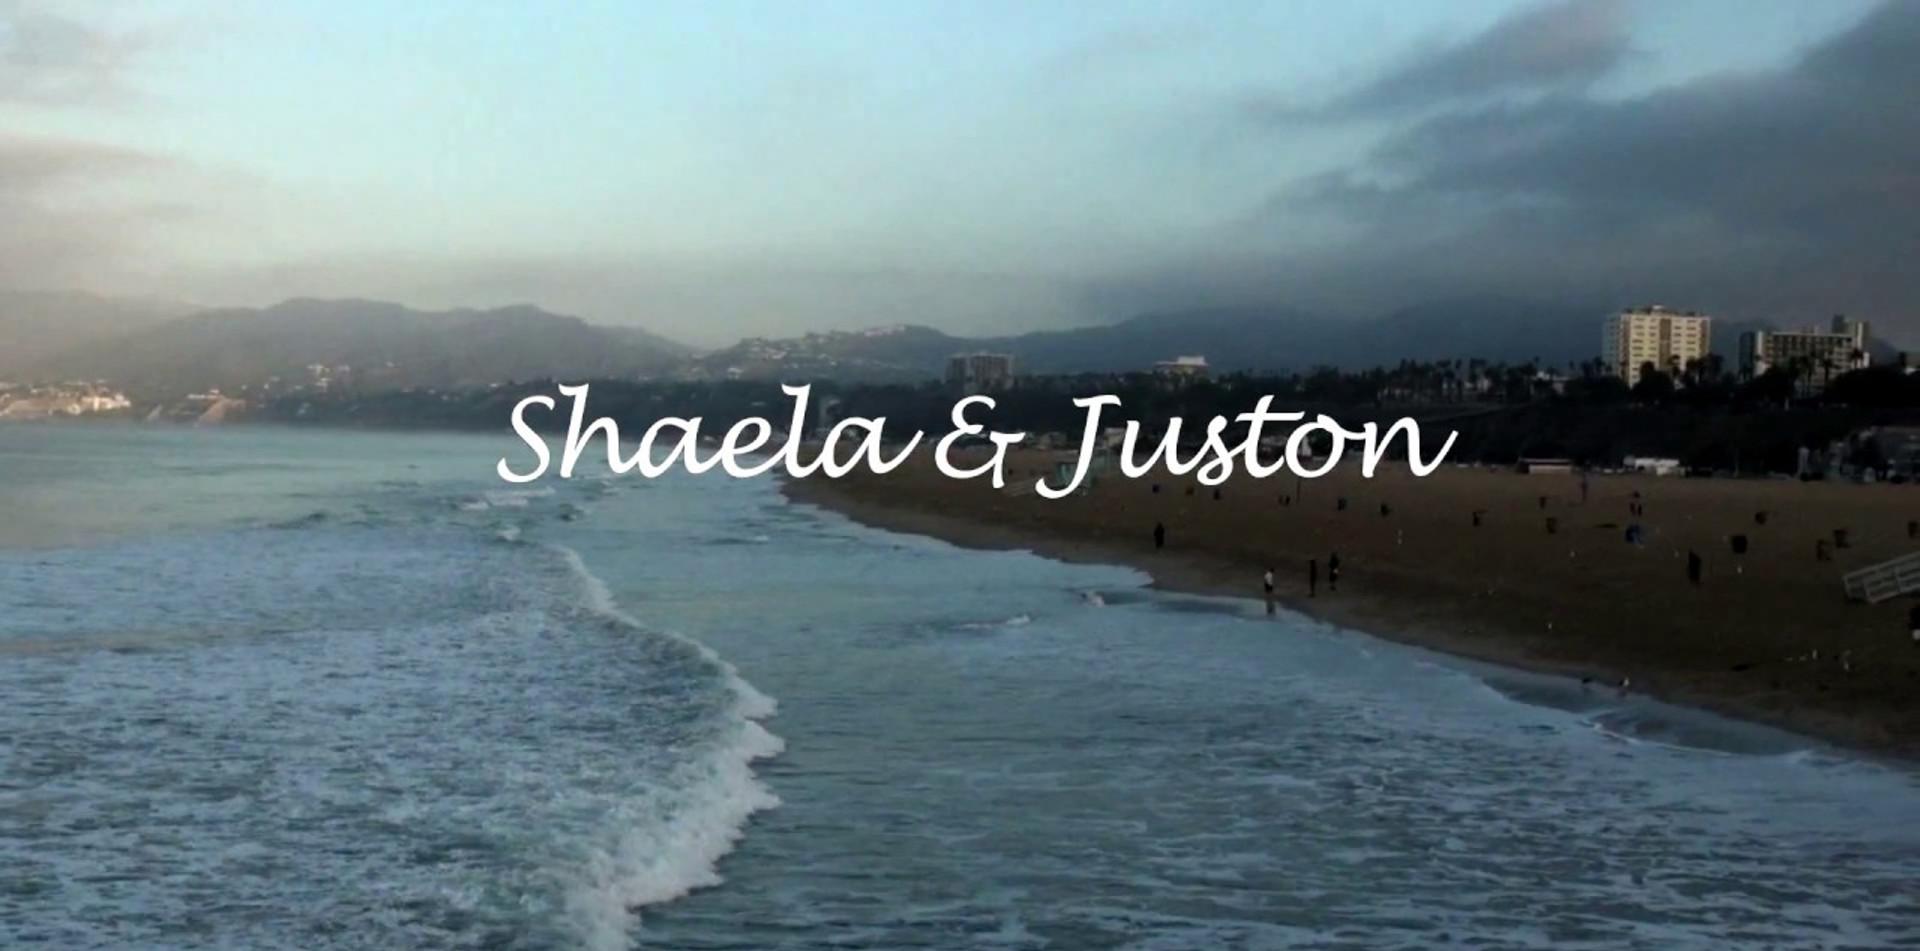 Juston & Shaela